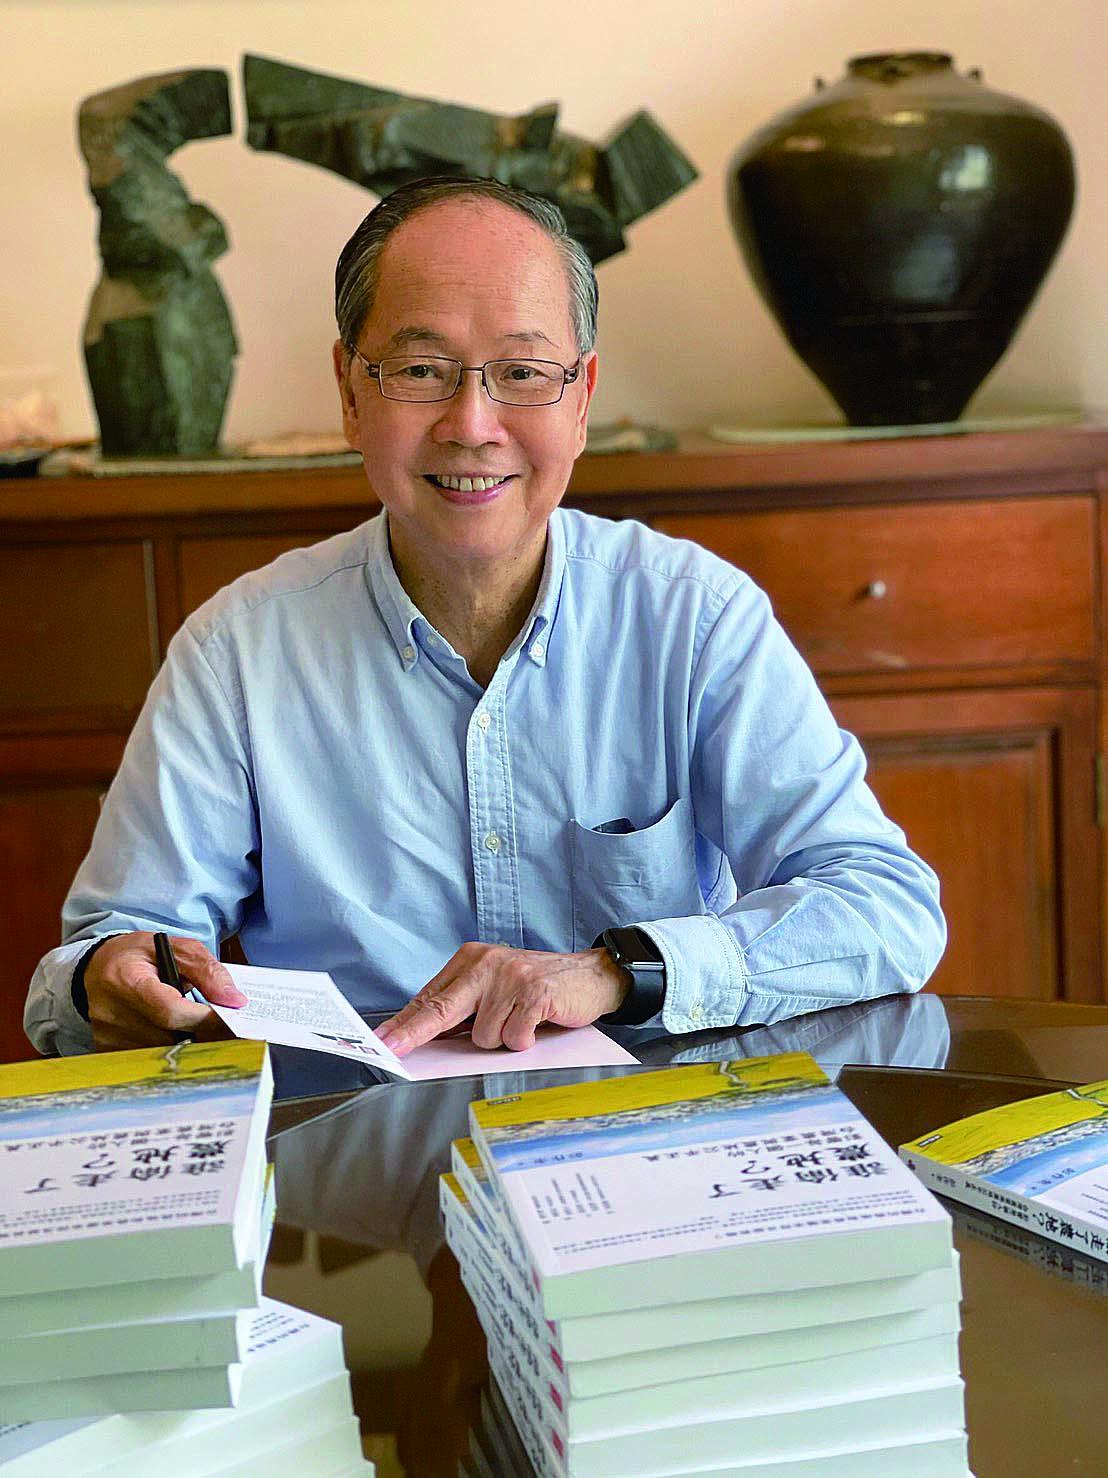 捍衛農地正義 彭作奎回顧台灣農地政策